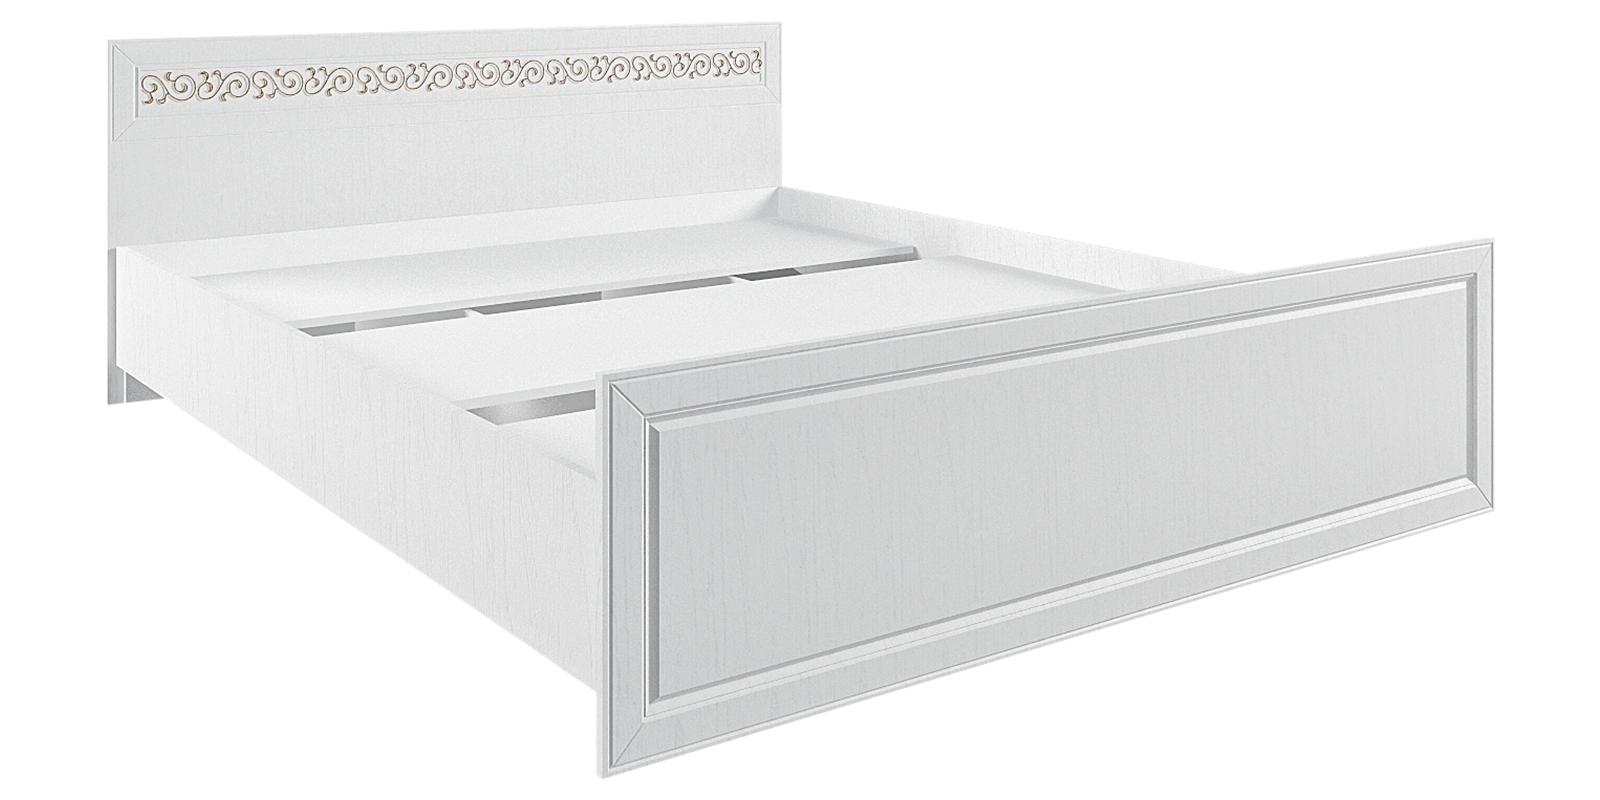 Кровать каркасная 200х160 Диамант без подъемного механизма (белый)